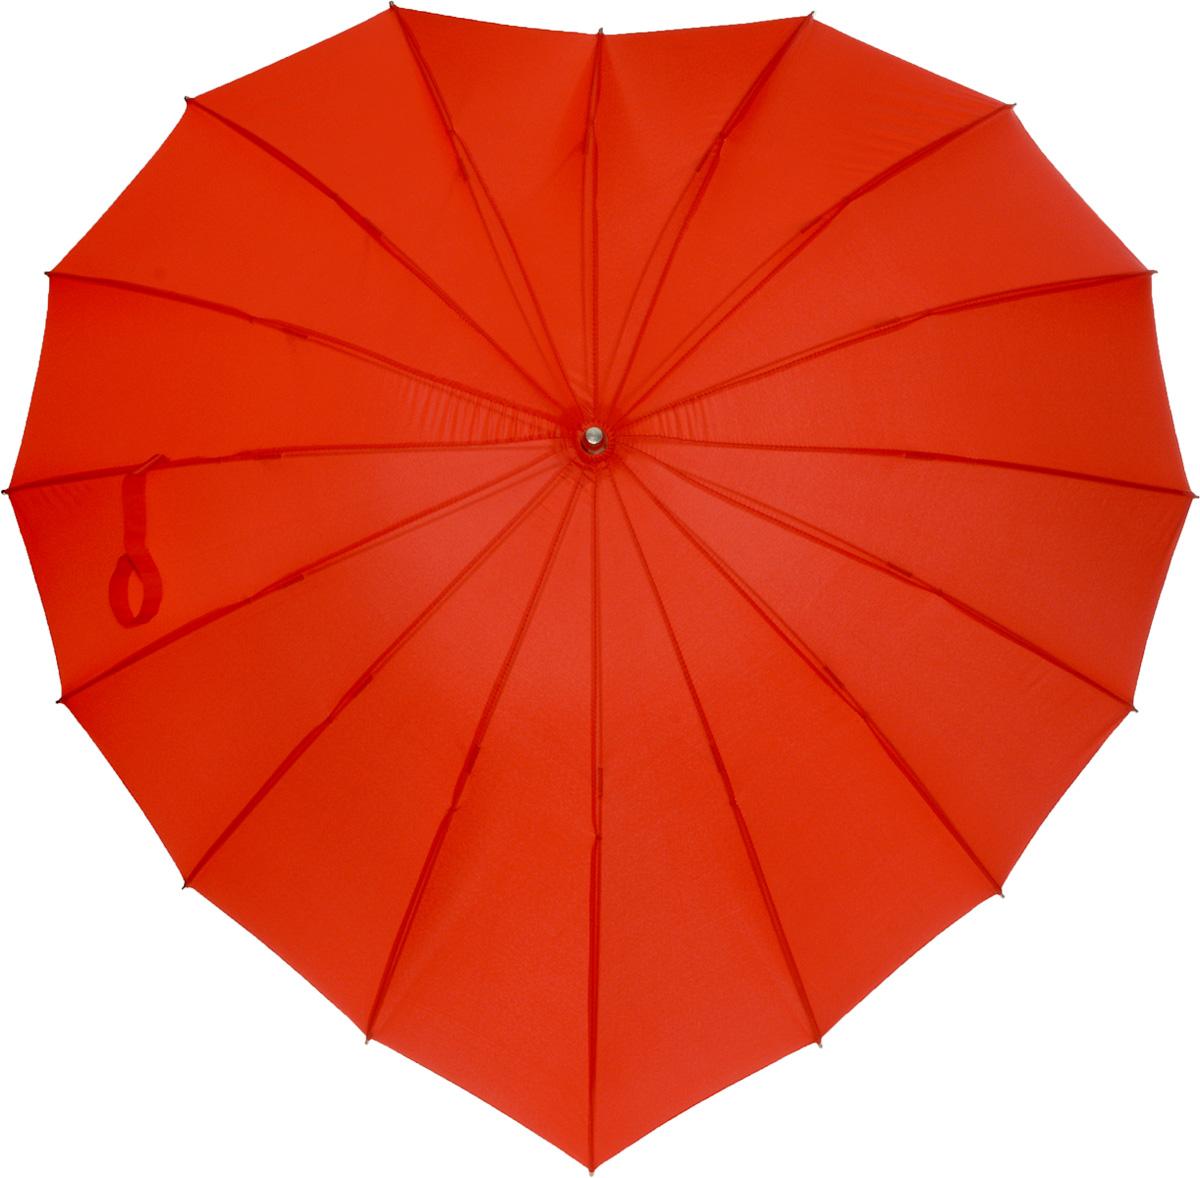 Зонт женский Эврика Сердце, механика, трость, цвет: красный. 9316045100948B/32793/5900NЗонт имеет механический тип сложения: открывается и закрывается вручную до характерного щелчка. Удобная ручка выполнена из пластика.